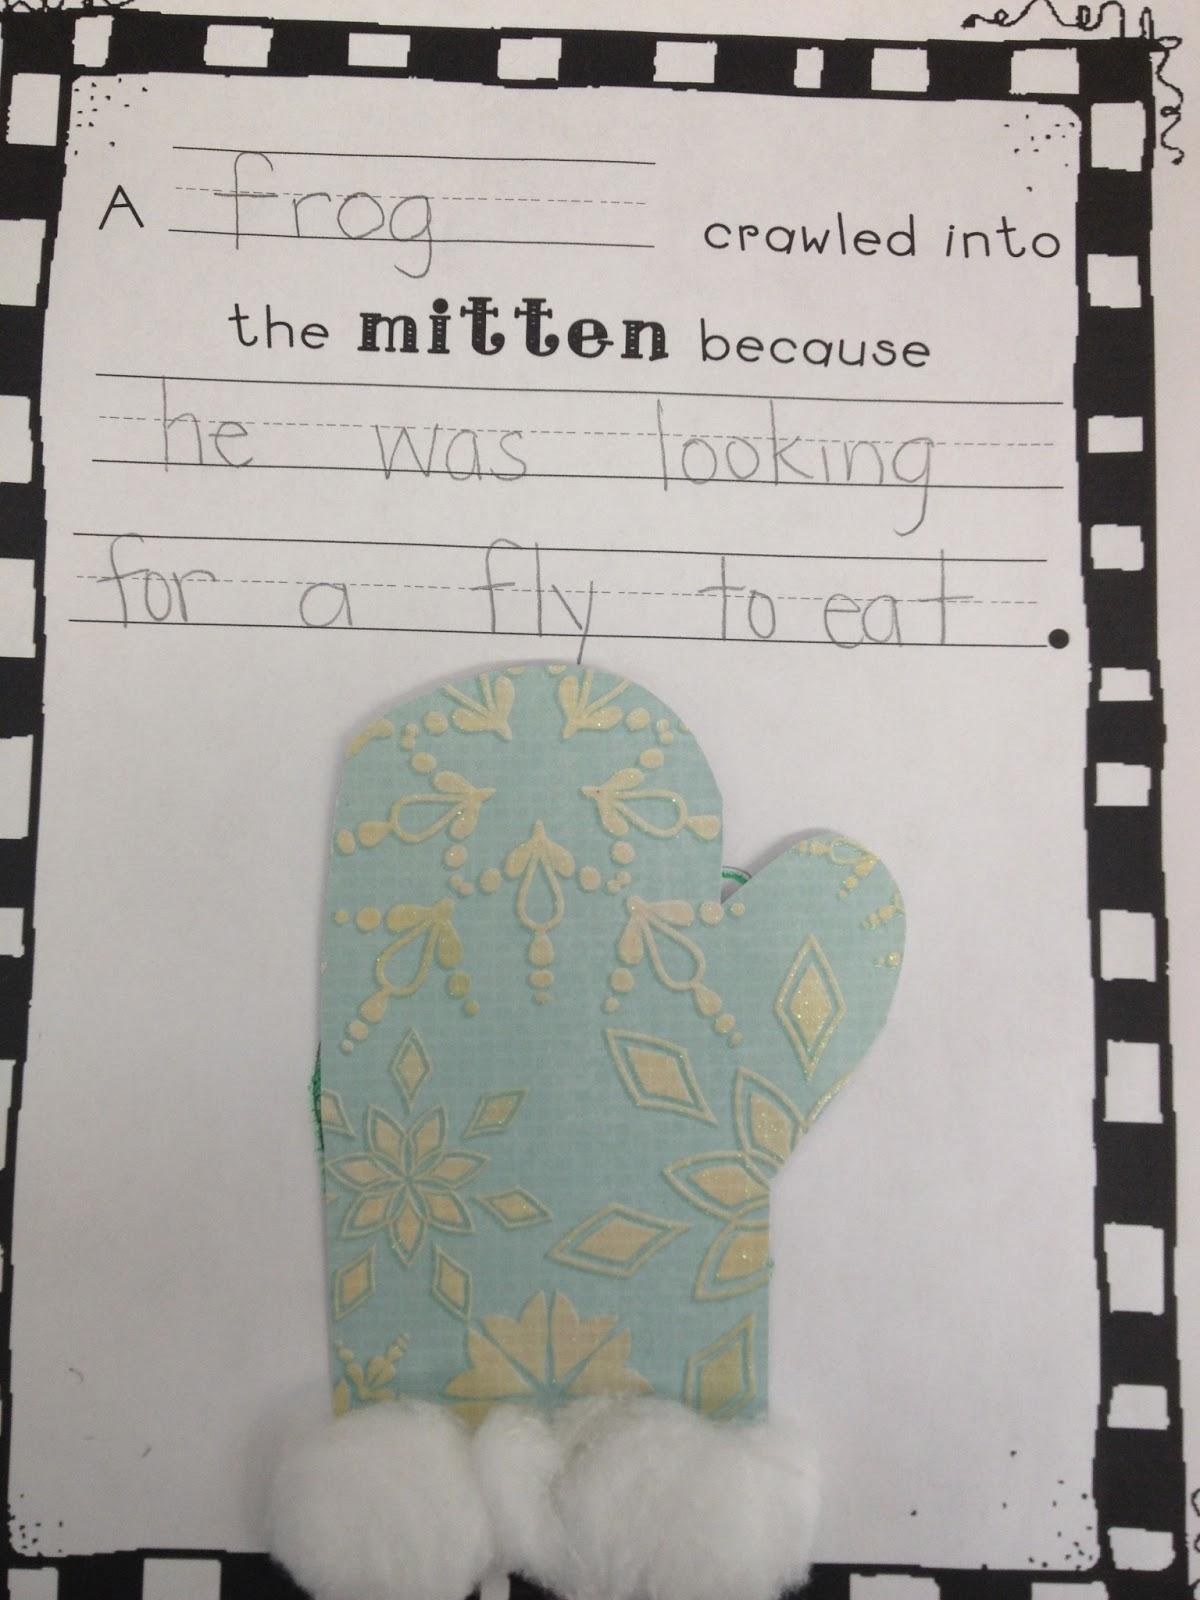 What The Teacher Wants The Mitten